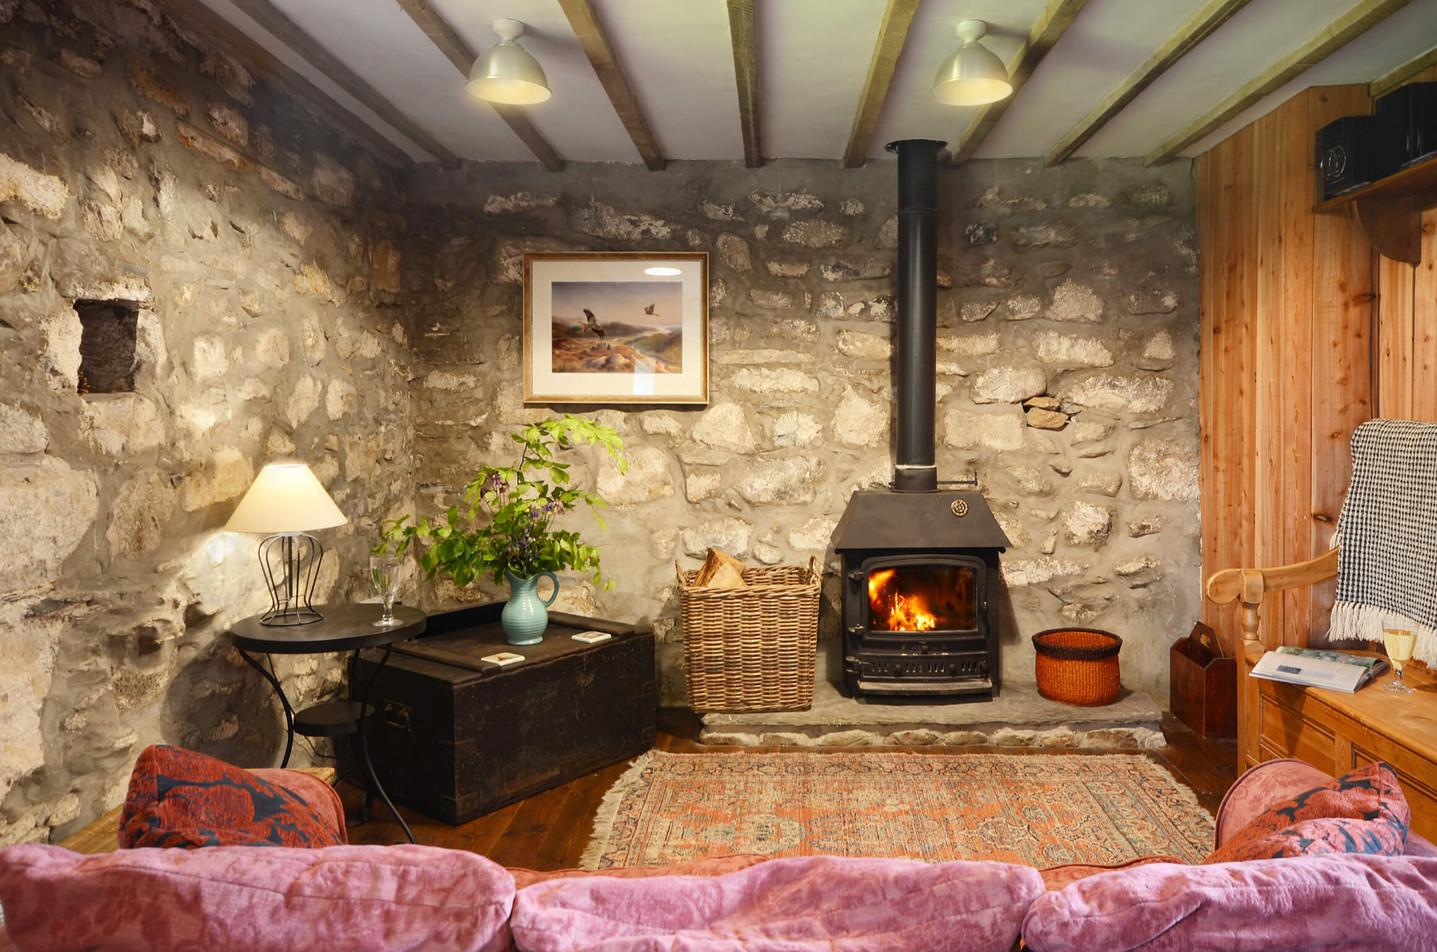 The_Granary_Living_Room_1.jpg